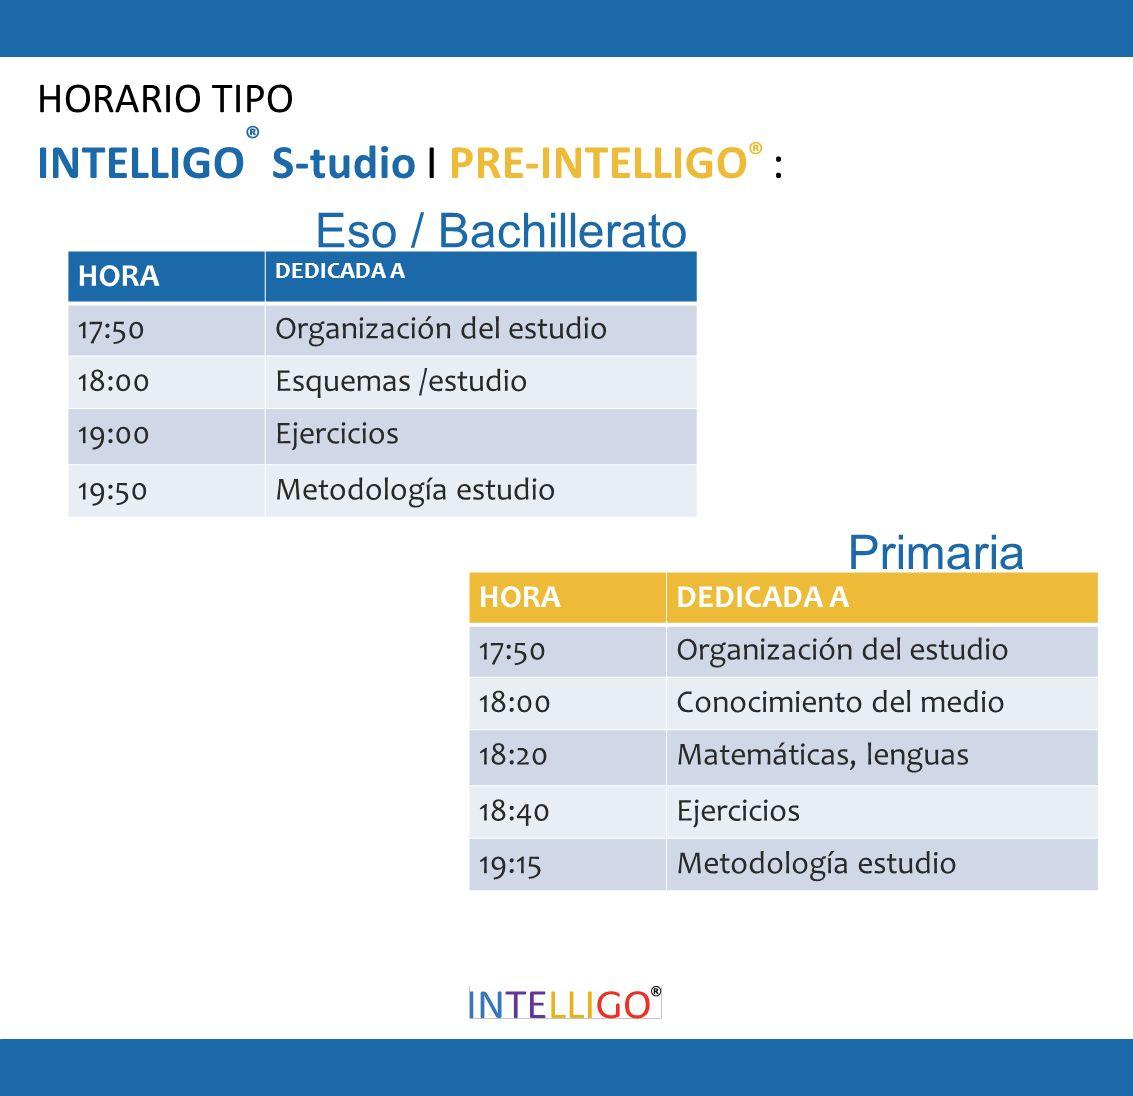 INTELLIGO ® S-tudio I PRE-INTELLIGO ® : HORA DEDICADA A 17:50Organización del estudio 18:00Esquemas /estudio 19:00Ejercicios 19:50Metodología estudio